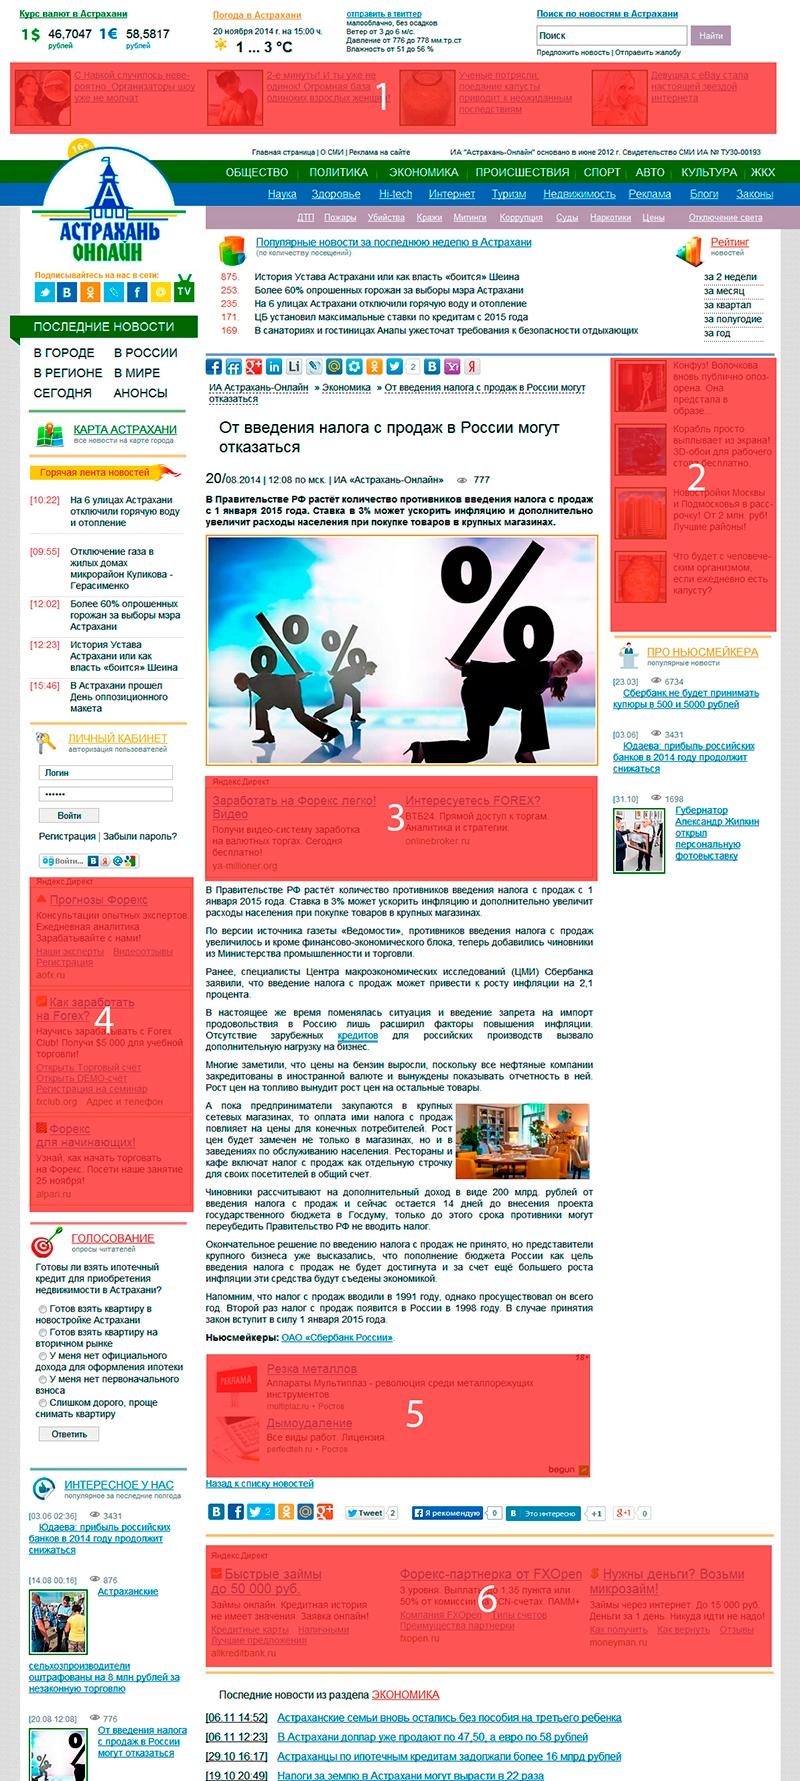 Т-р-a туризм - реклама - интернет рекламировать сайт бесплатно